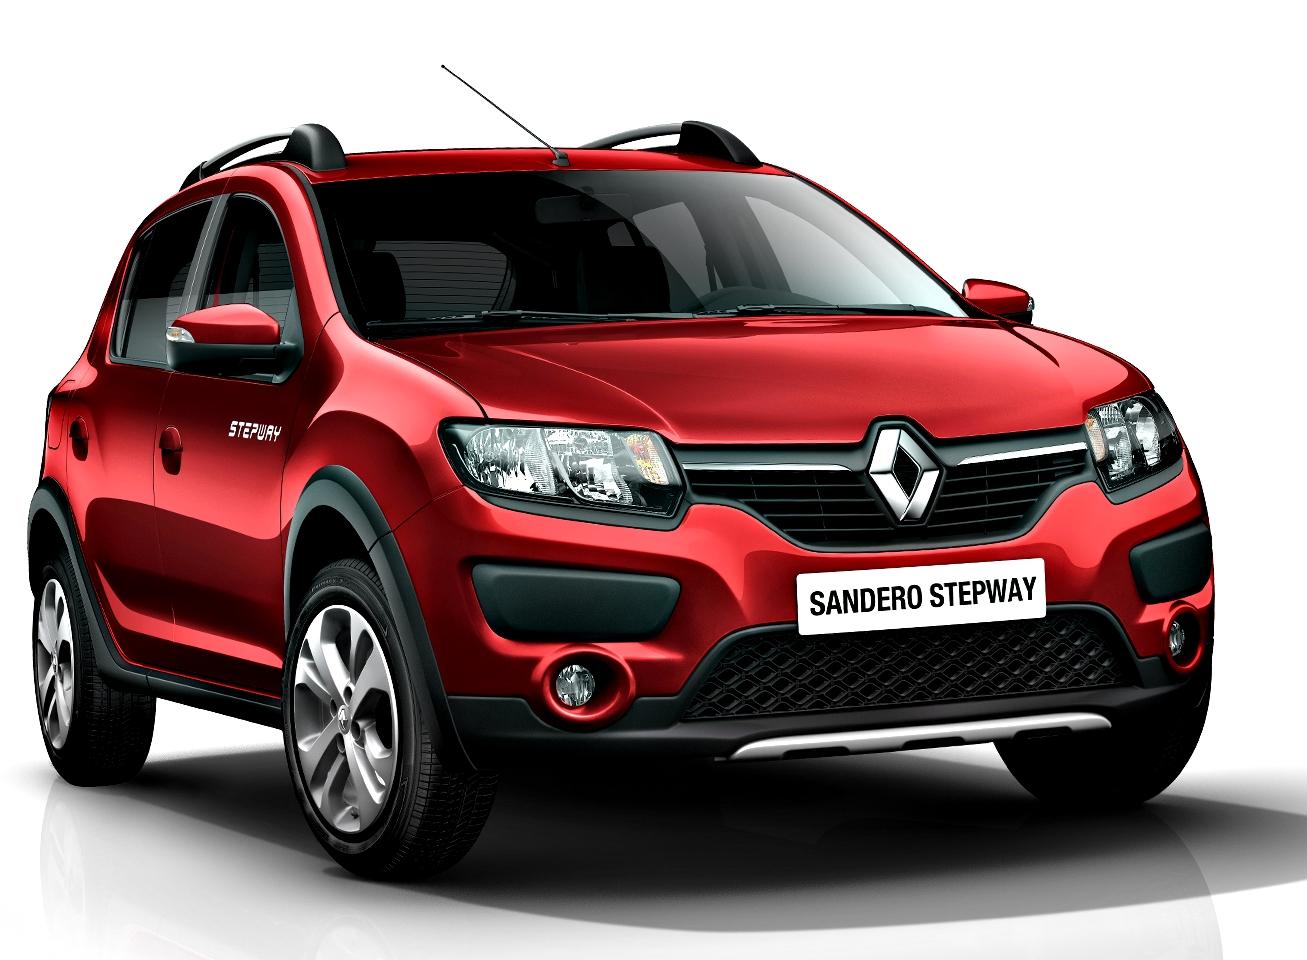 Nuevos Renault Sandero y Sandero Stepway 16V 2016